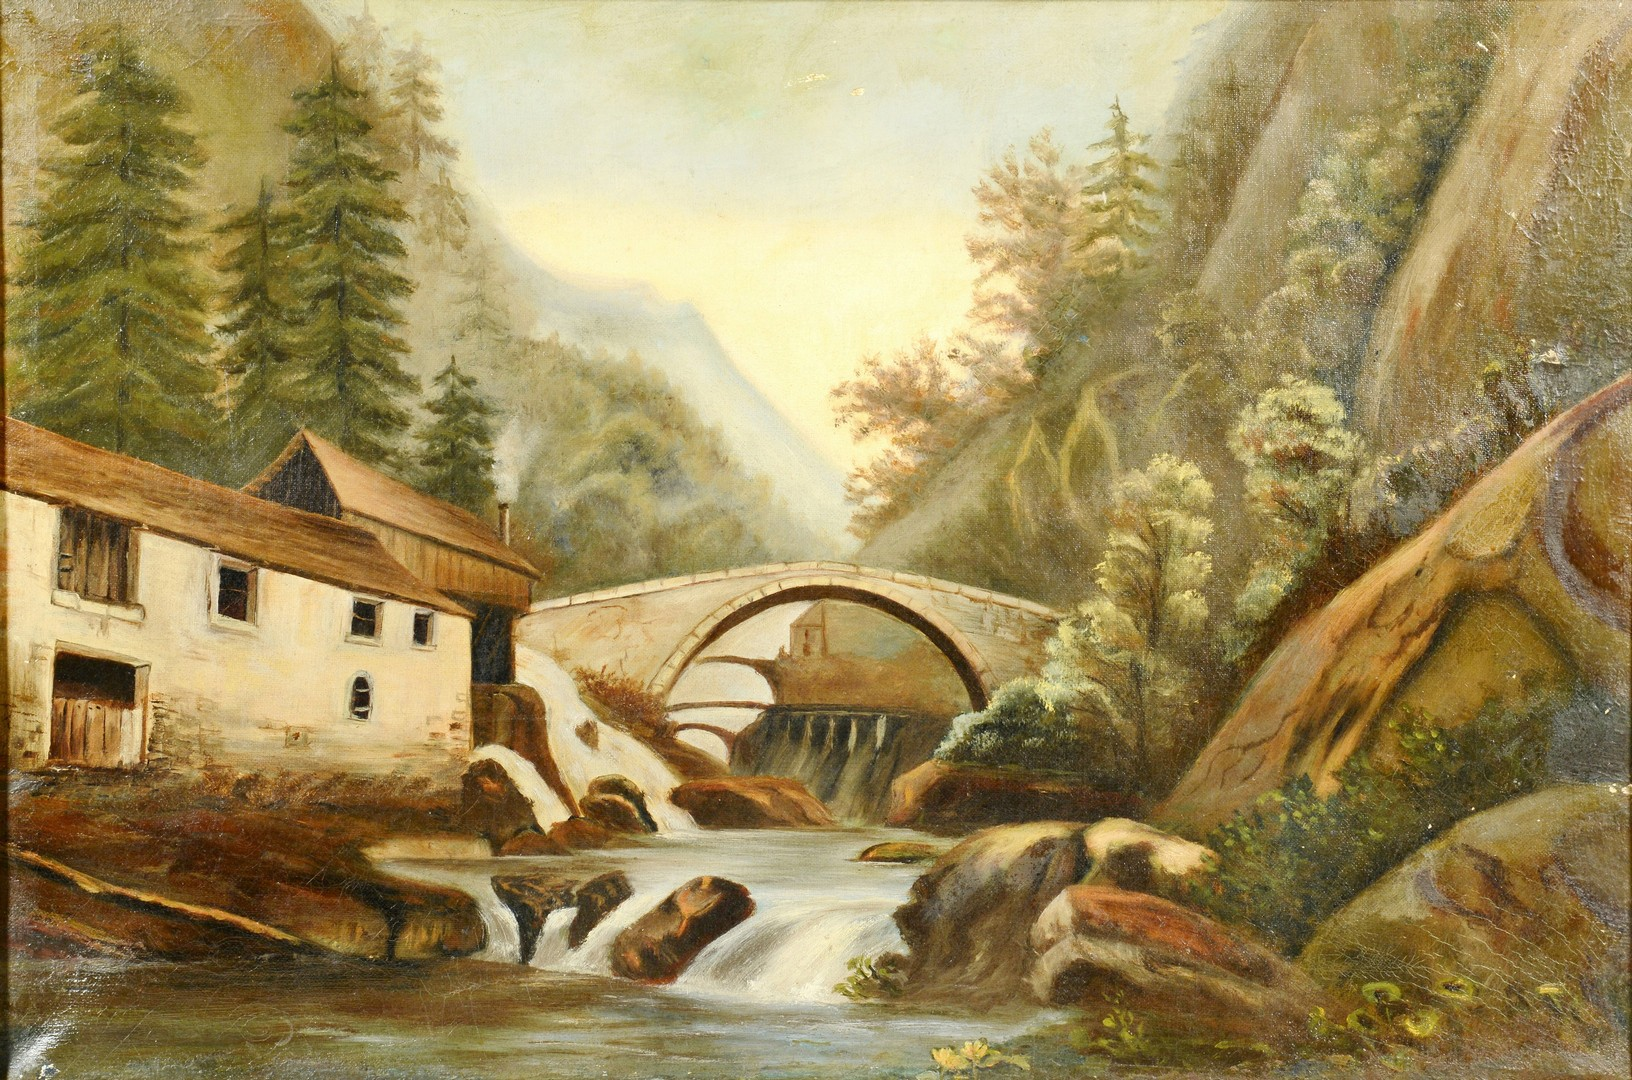 Lot 3391832: Two 19th c. European Landscape Oils on Board